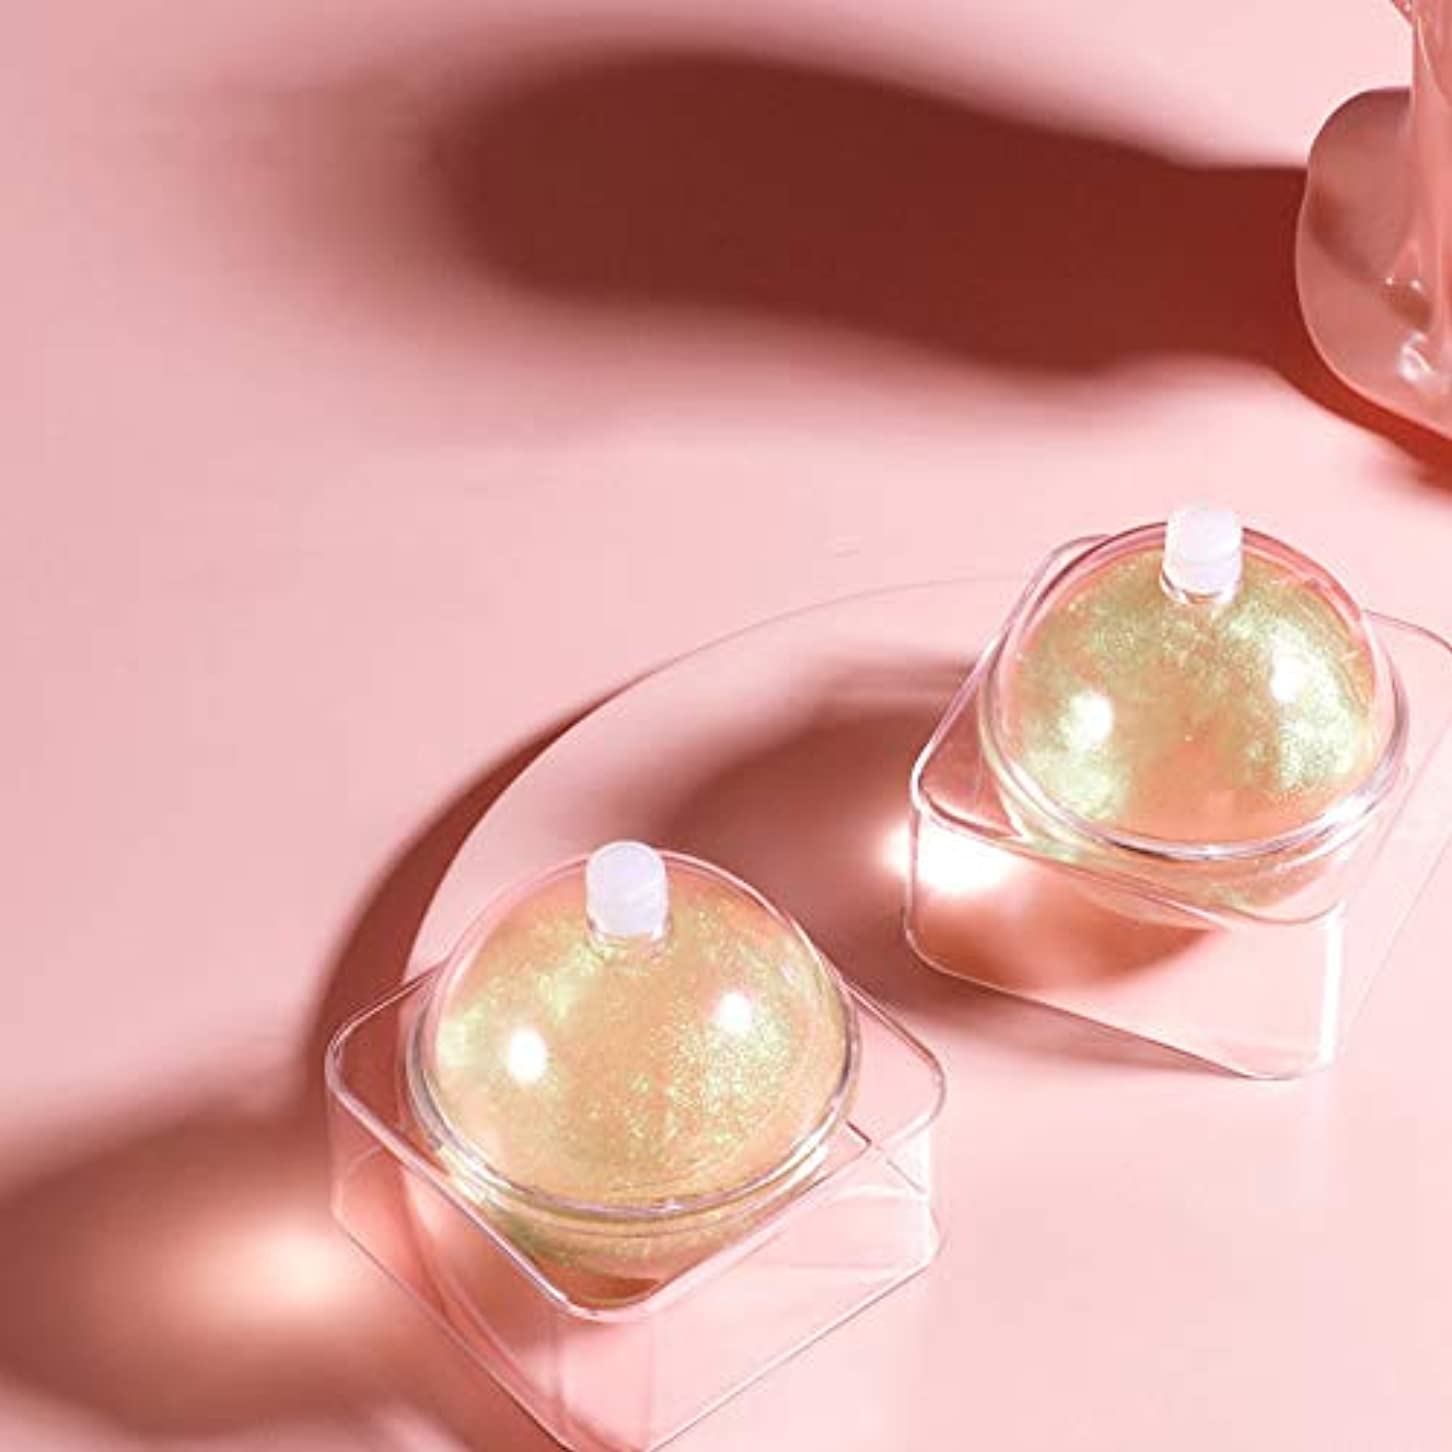 茎オデュッセウスサイレント洗顔石鹸 オイルコントロール毛穴収斂 潤い フェイスクレンザー フェイスウォッシュ 製品 Cutelove